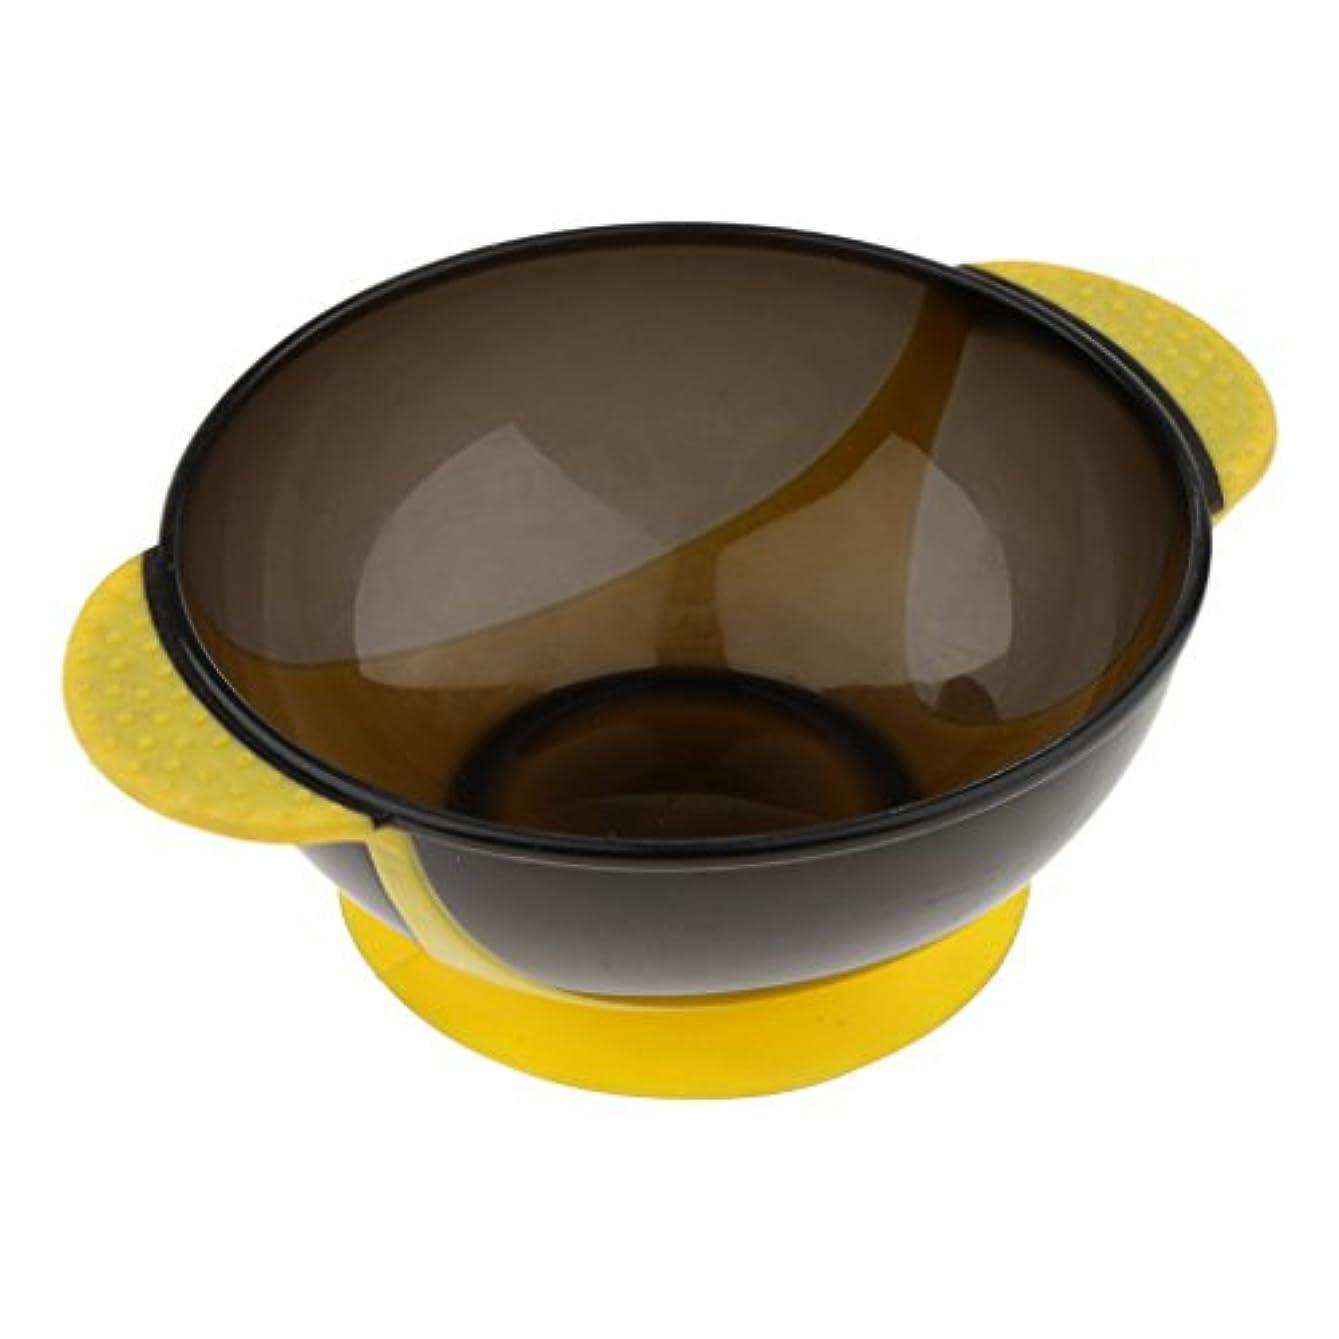 コンソール楕円形リスクヘアダイボウル プラスチック製 サロン 髪染め ミントボウル 着色ツール 吸引ベース 3色選べる - 黄